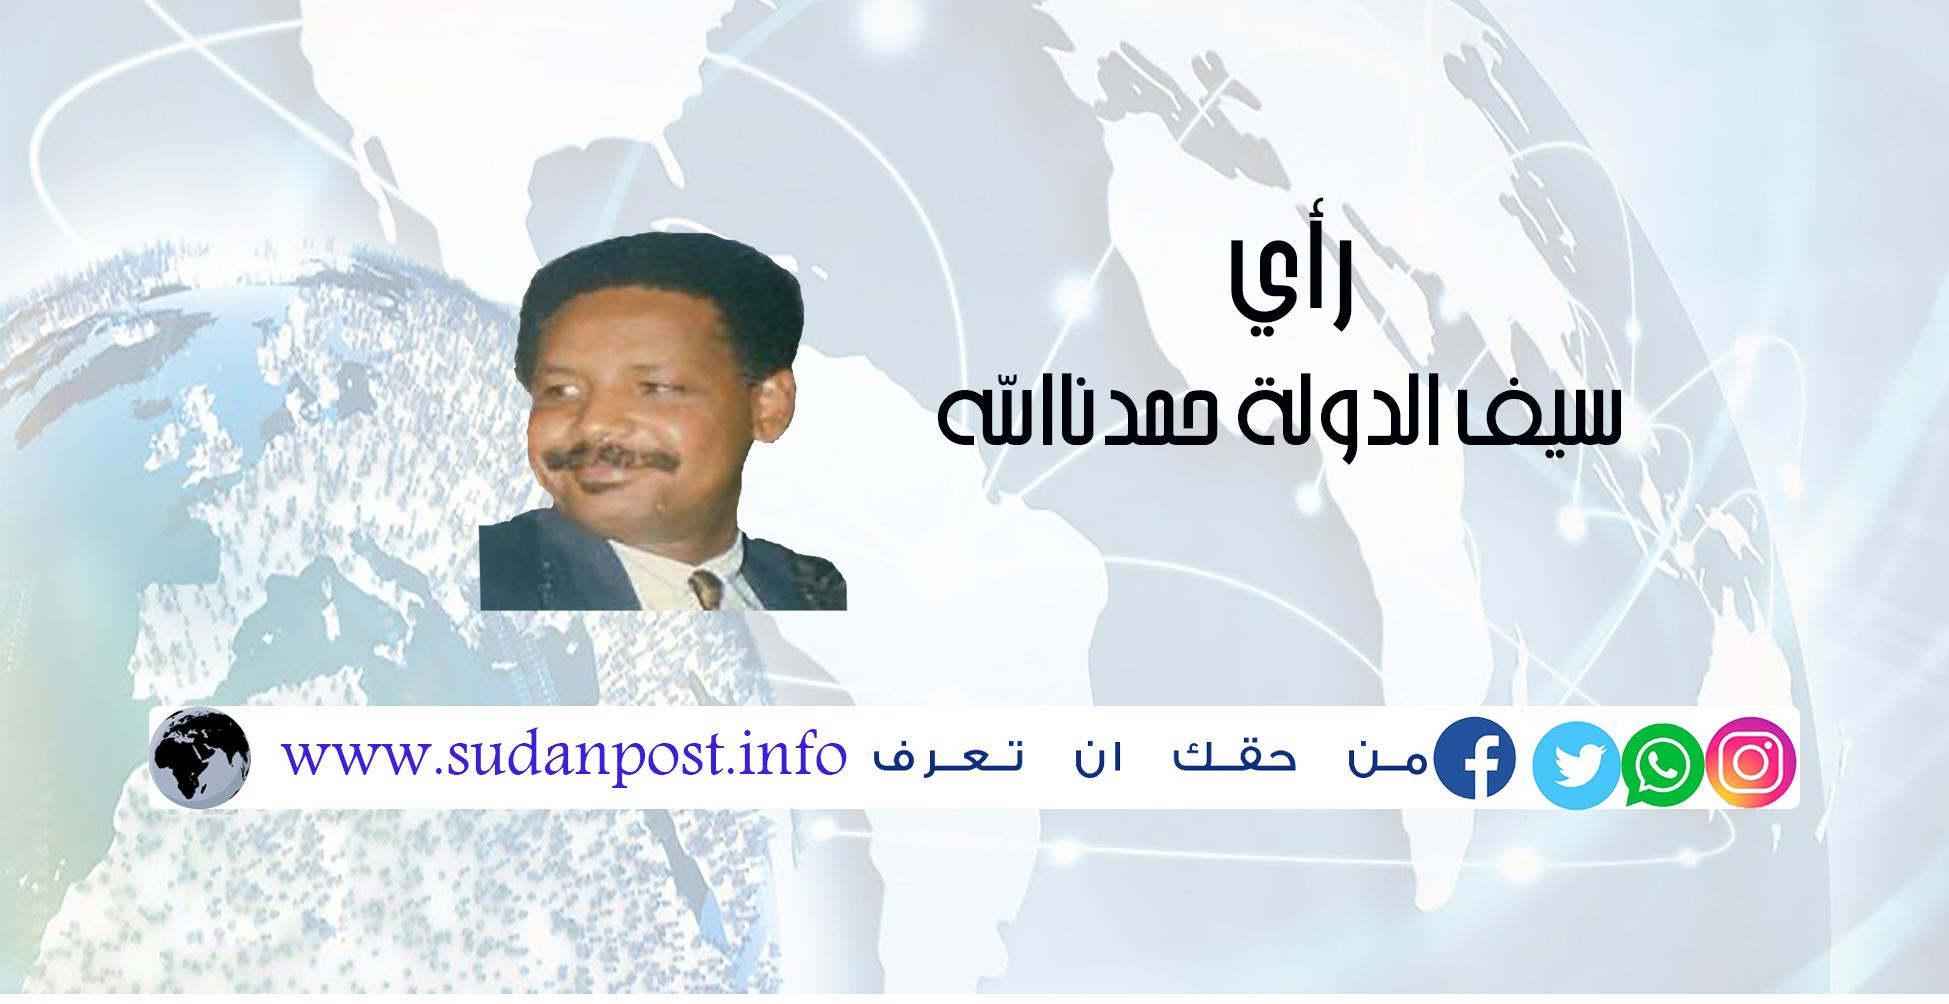 ما وراء تهديد الضباط برفع السلاح !! … بقلم: سيف الدولة حمدناالله